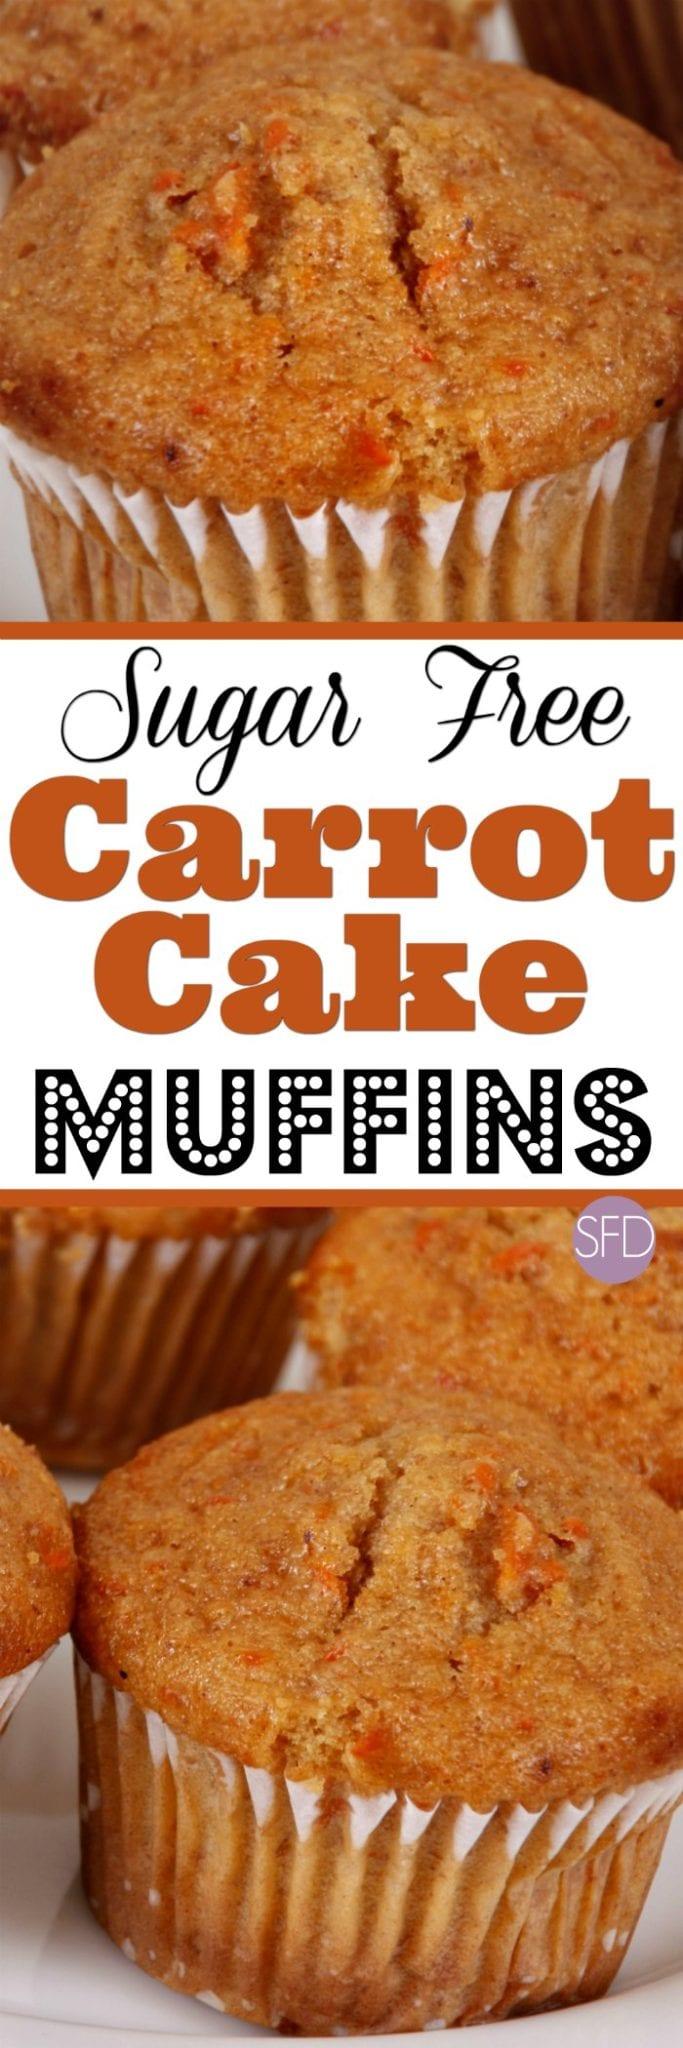 how to make sugar free carrot cake